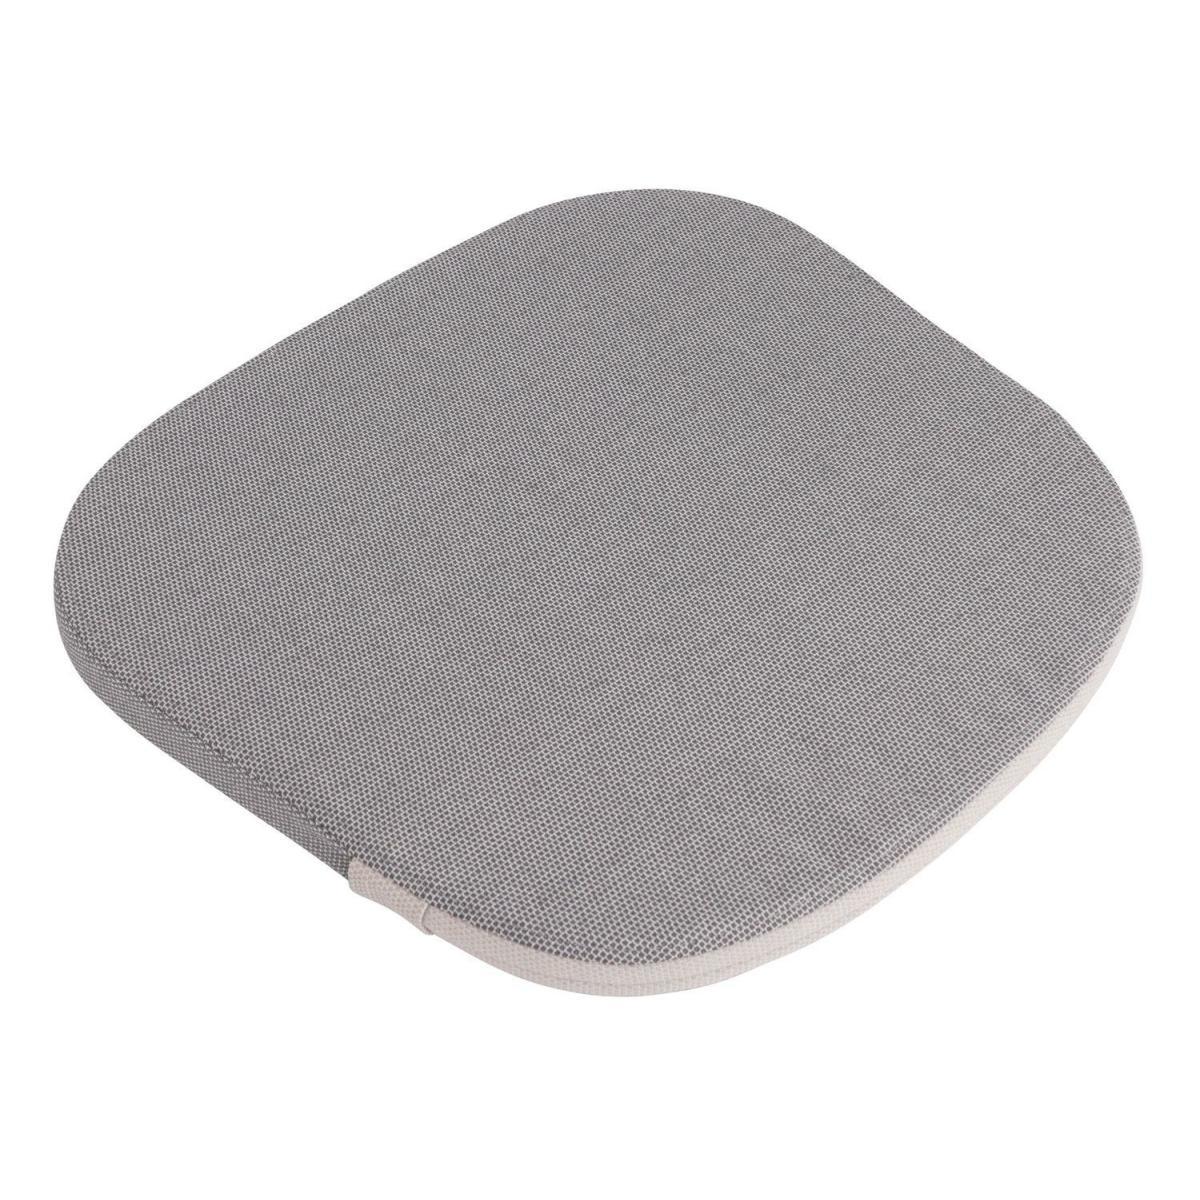 Fdb Mobler R4 - Coussin Flid - gris sable - 43x40,5 cm